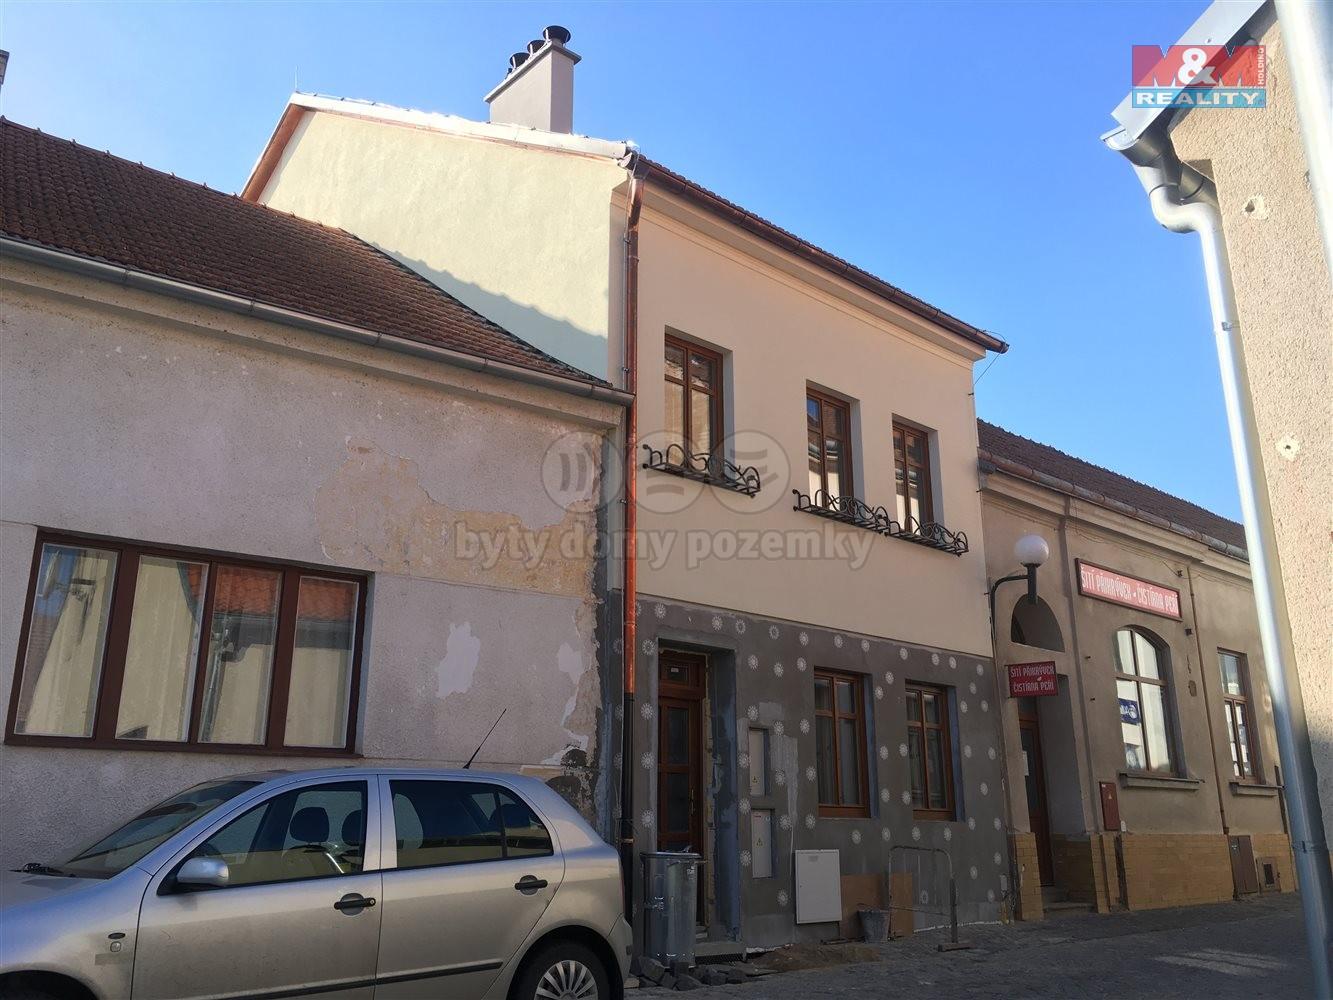 Pronájem, byt 1+kk, Ivančice, ul. Drůbežní trh